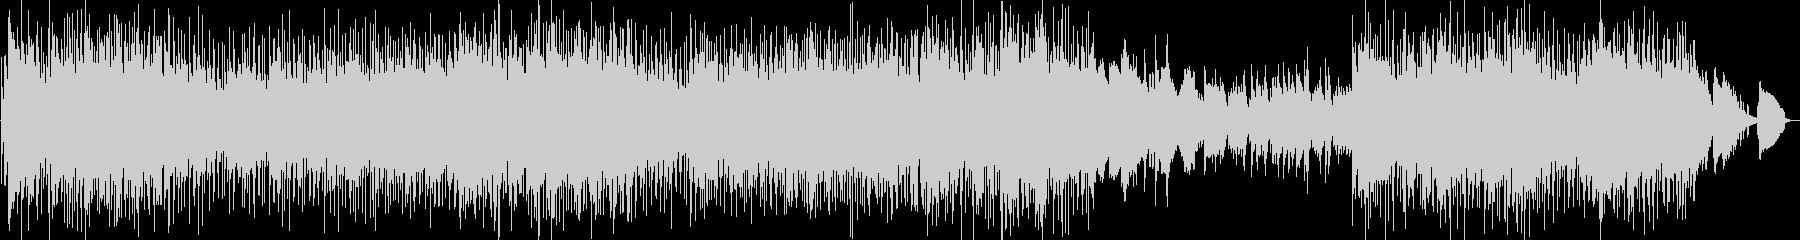 ポップスバラード調のピアノ曲の未再生の波形